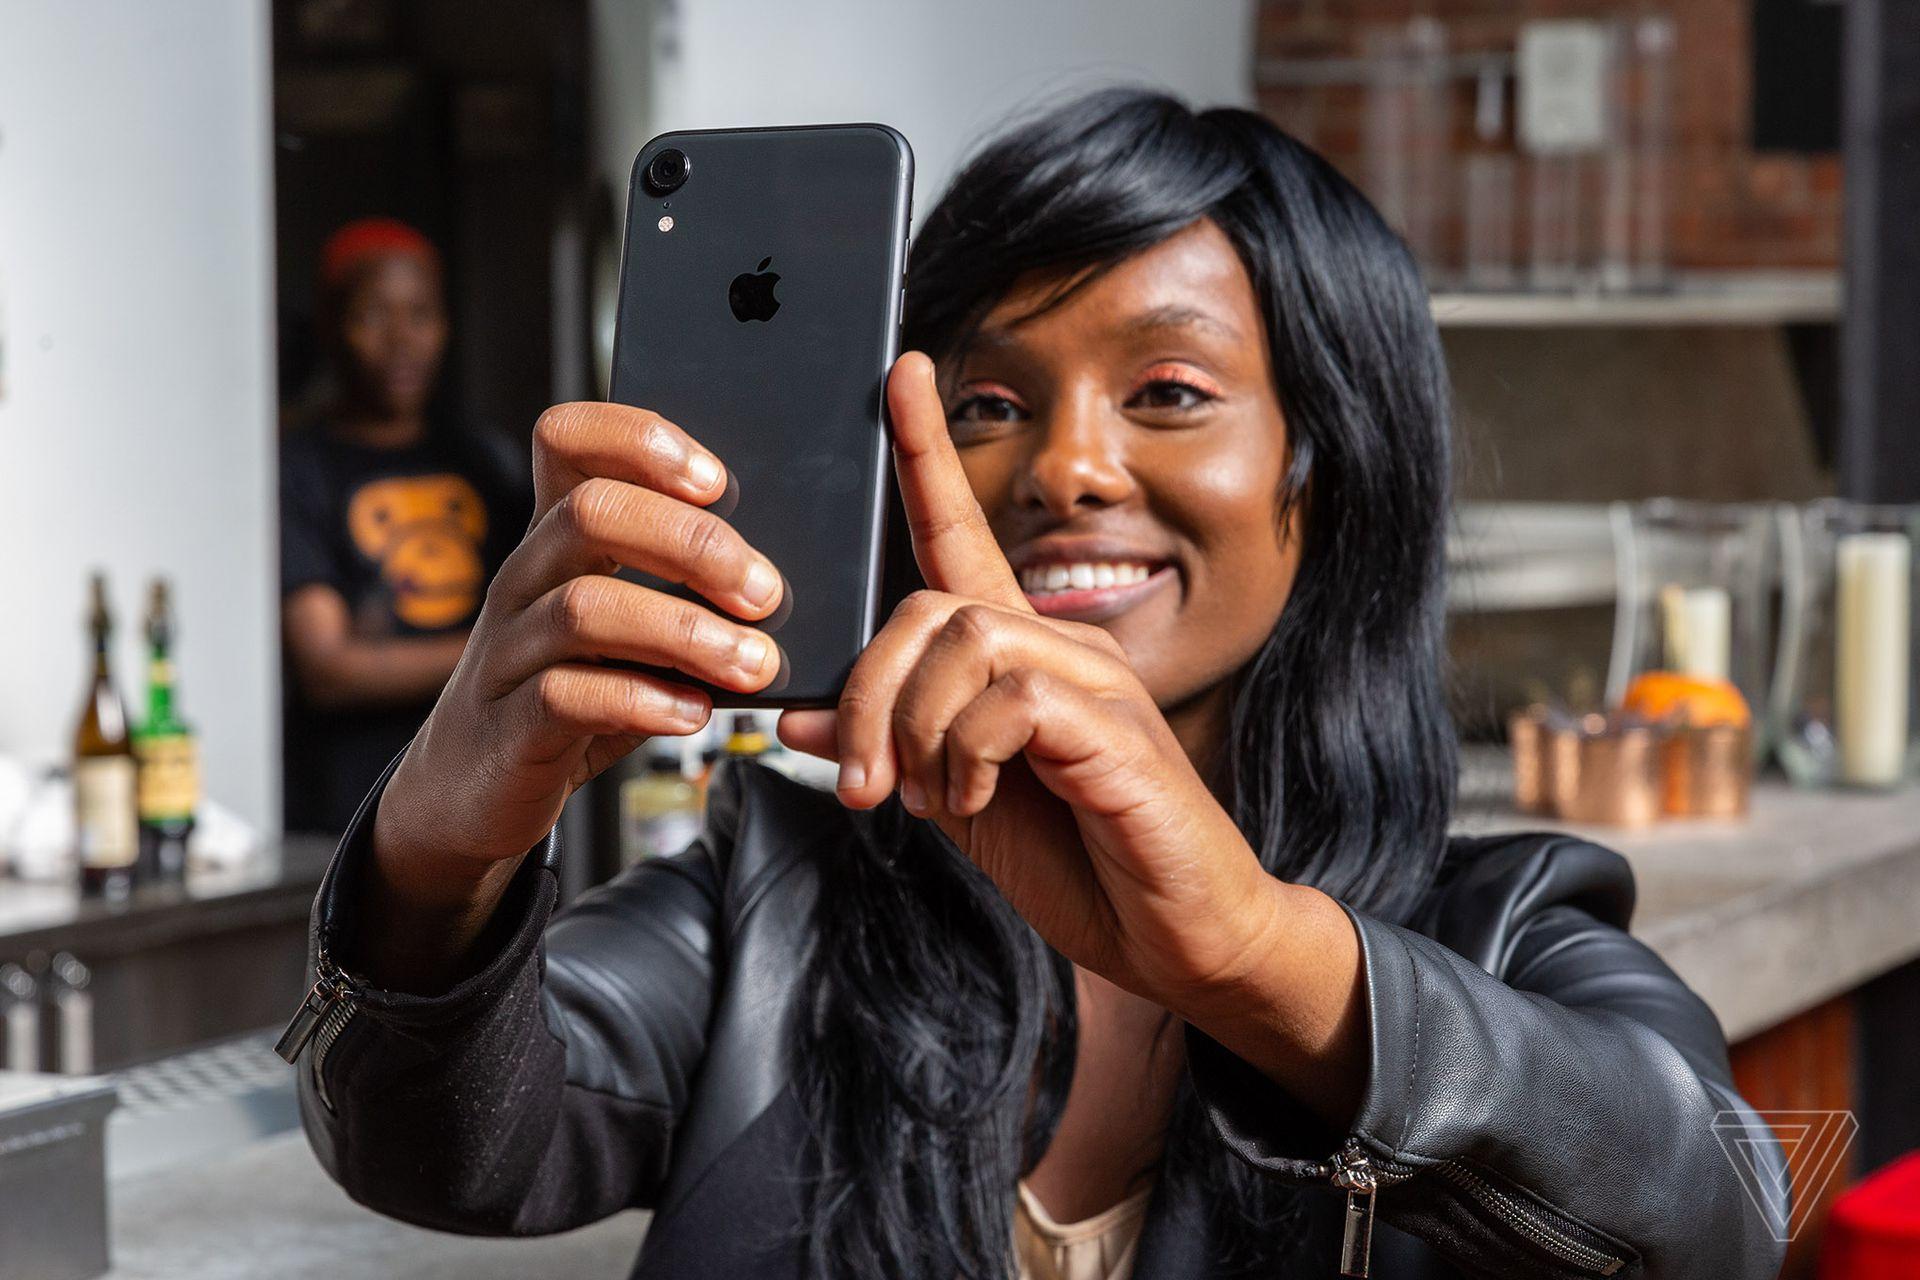 Az Apple javítja az új iPhone-ok egyik legkülönösebb hibáját